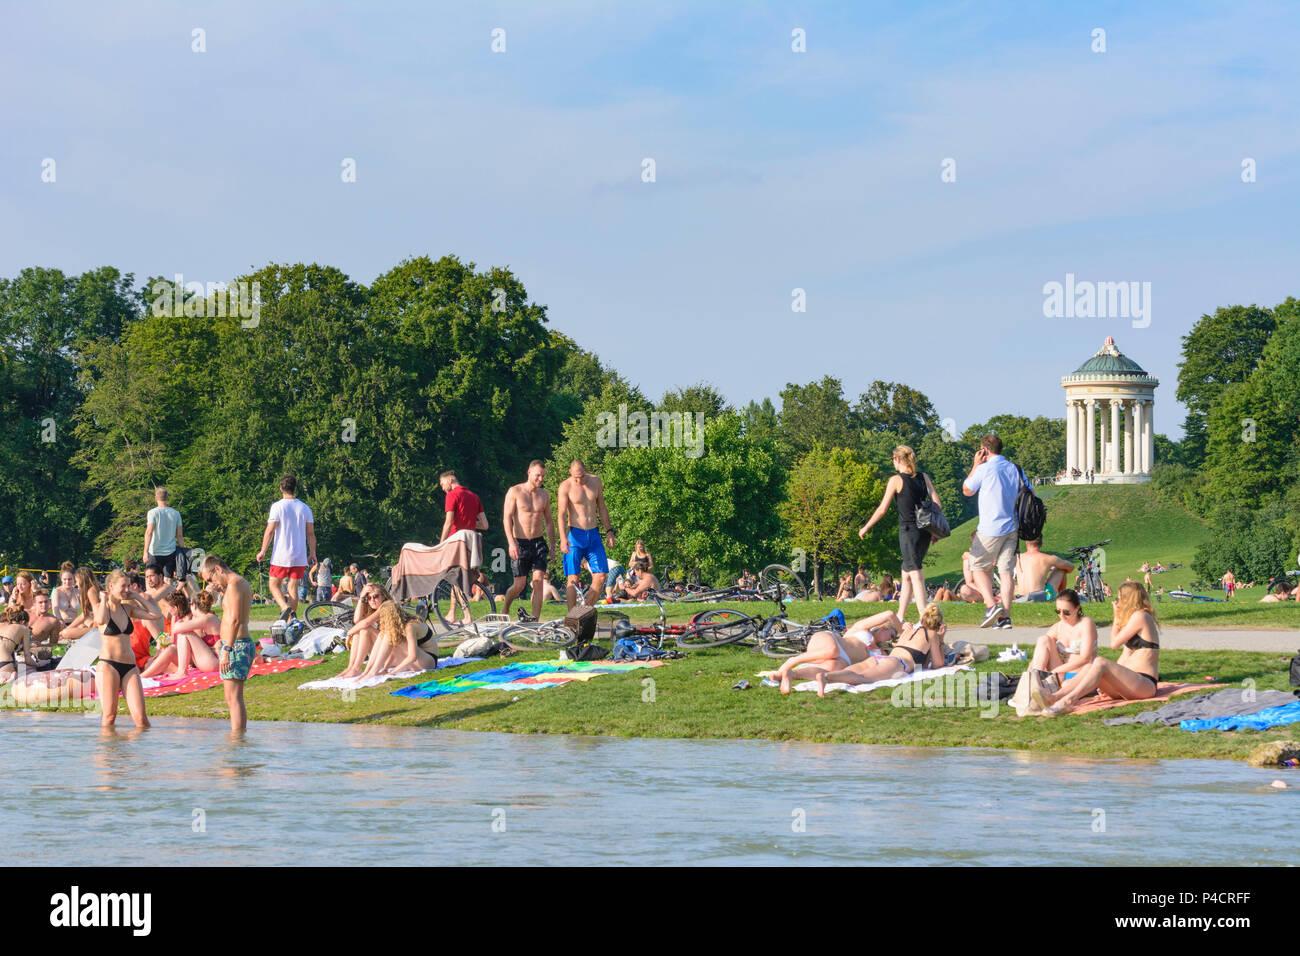 Munich, Englischer Garten (English Garden), view to Monopteros, stream Schwabinger Bach, bather, sunbather, people, Upper Bavaria, Bavaria, Germany - Stock Image